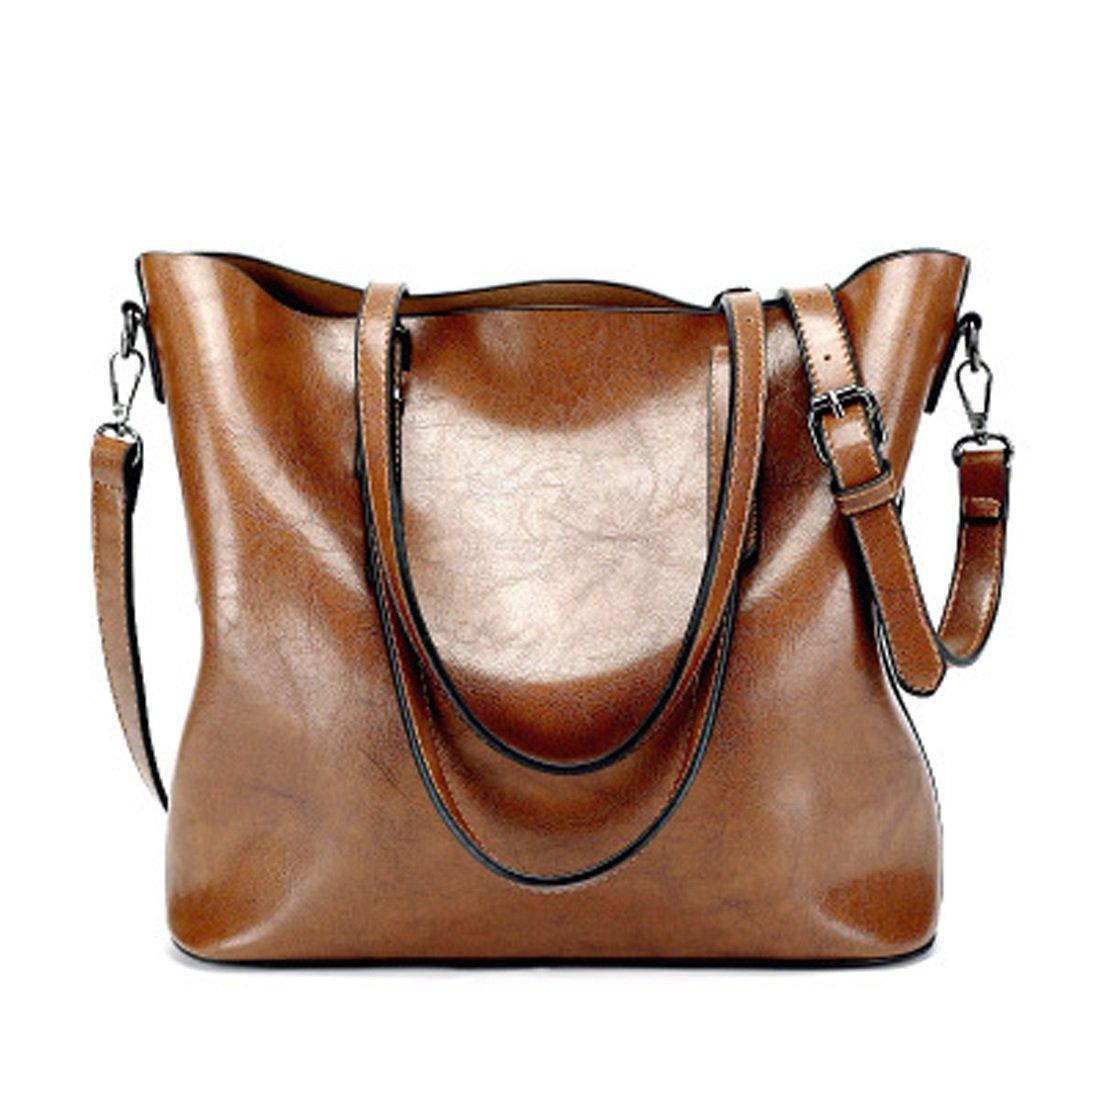 Women's Bags Handbags Shoulder Bags Genuine Leather Brown Big Casual All Seasons Black Coffee Brown Wine (Color : Brown) by WTING (Image #2)